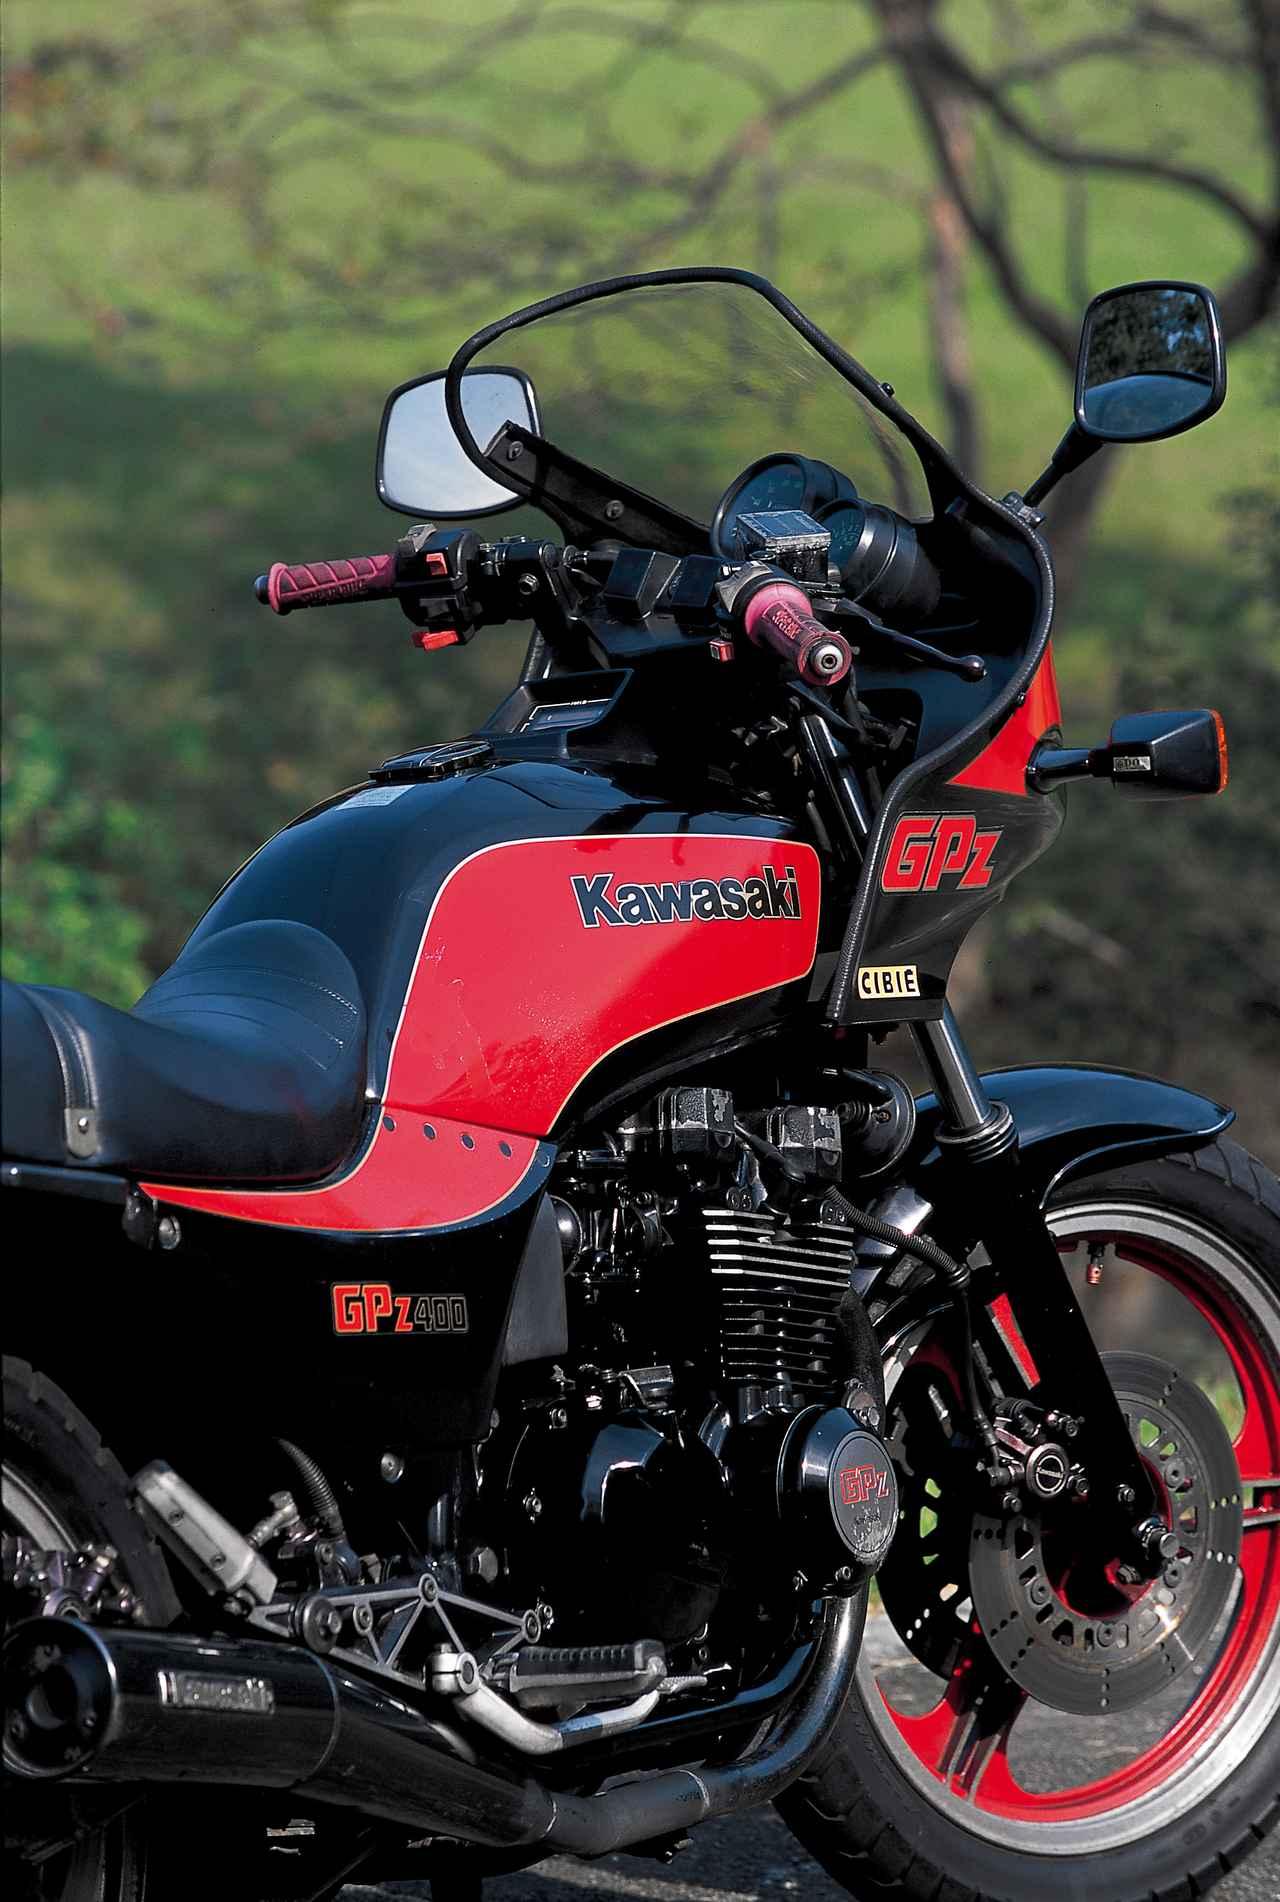 【プレイバック80's】「Kawasaki GPz400」80年代のヨンヒャクブームをさらに加速させた1台(1983年)